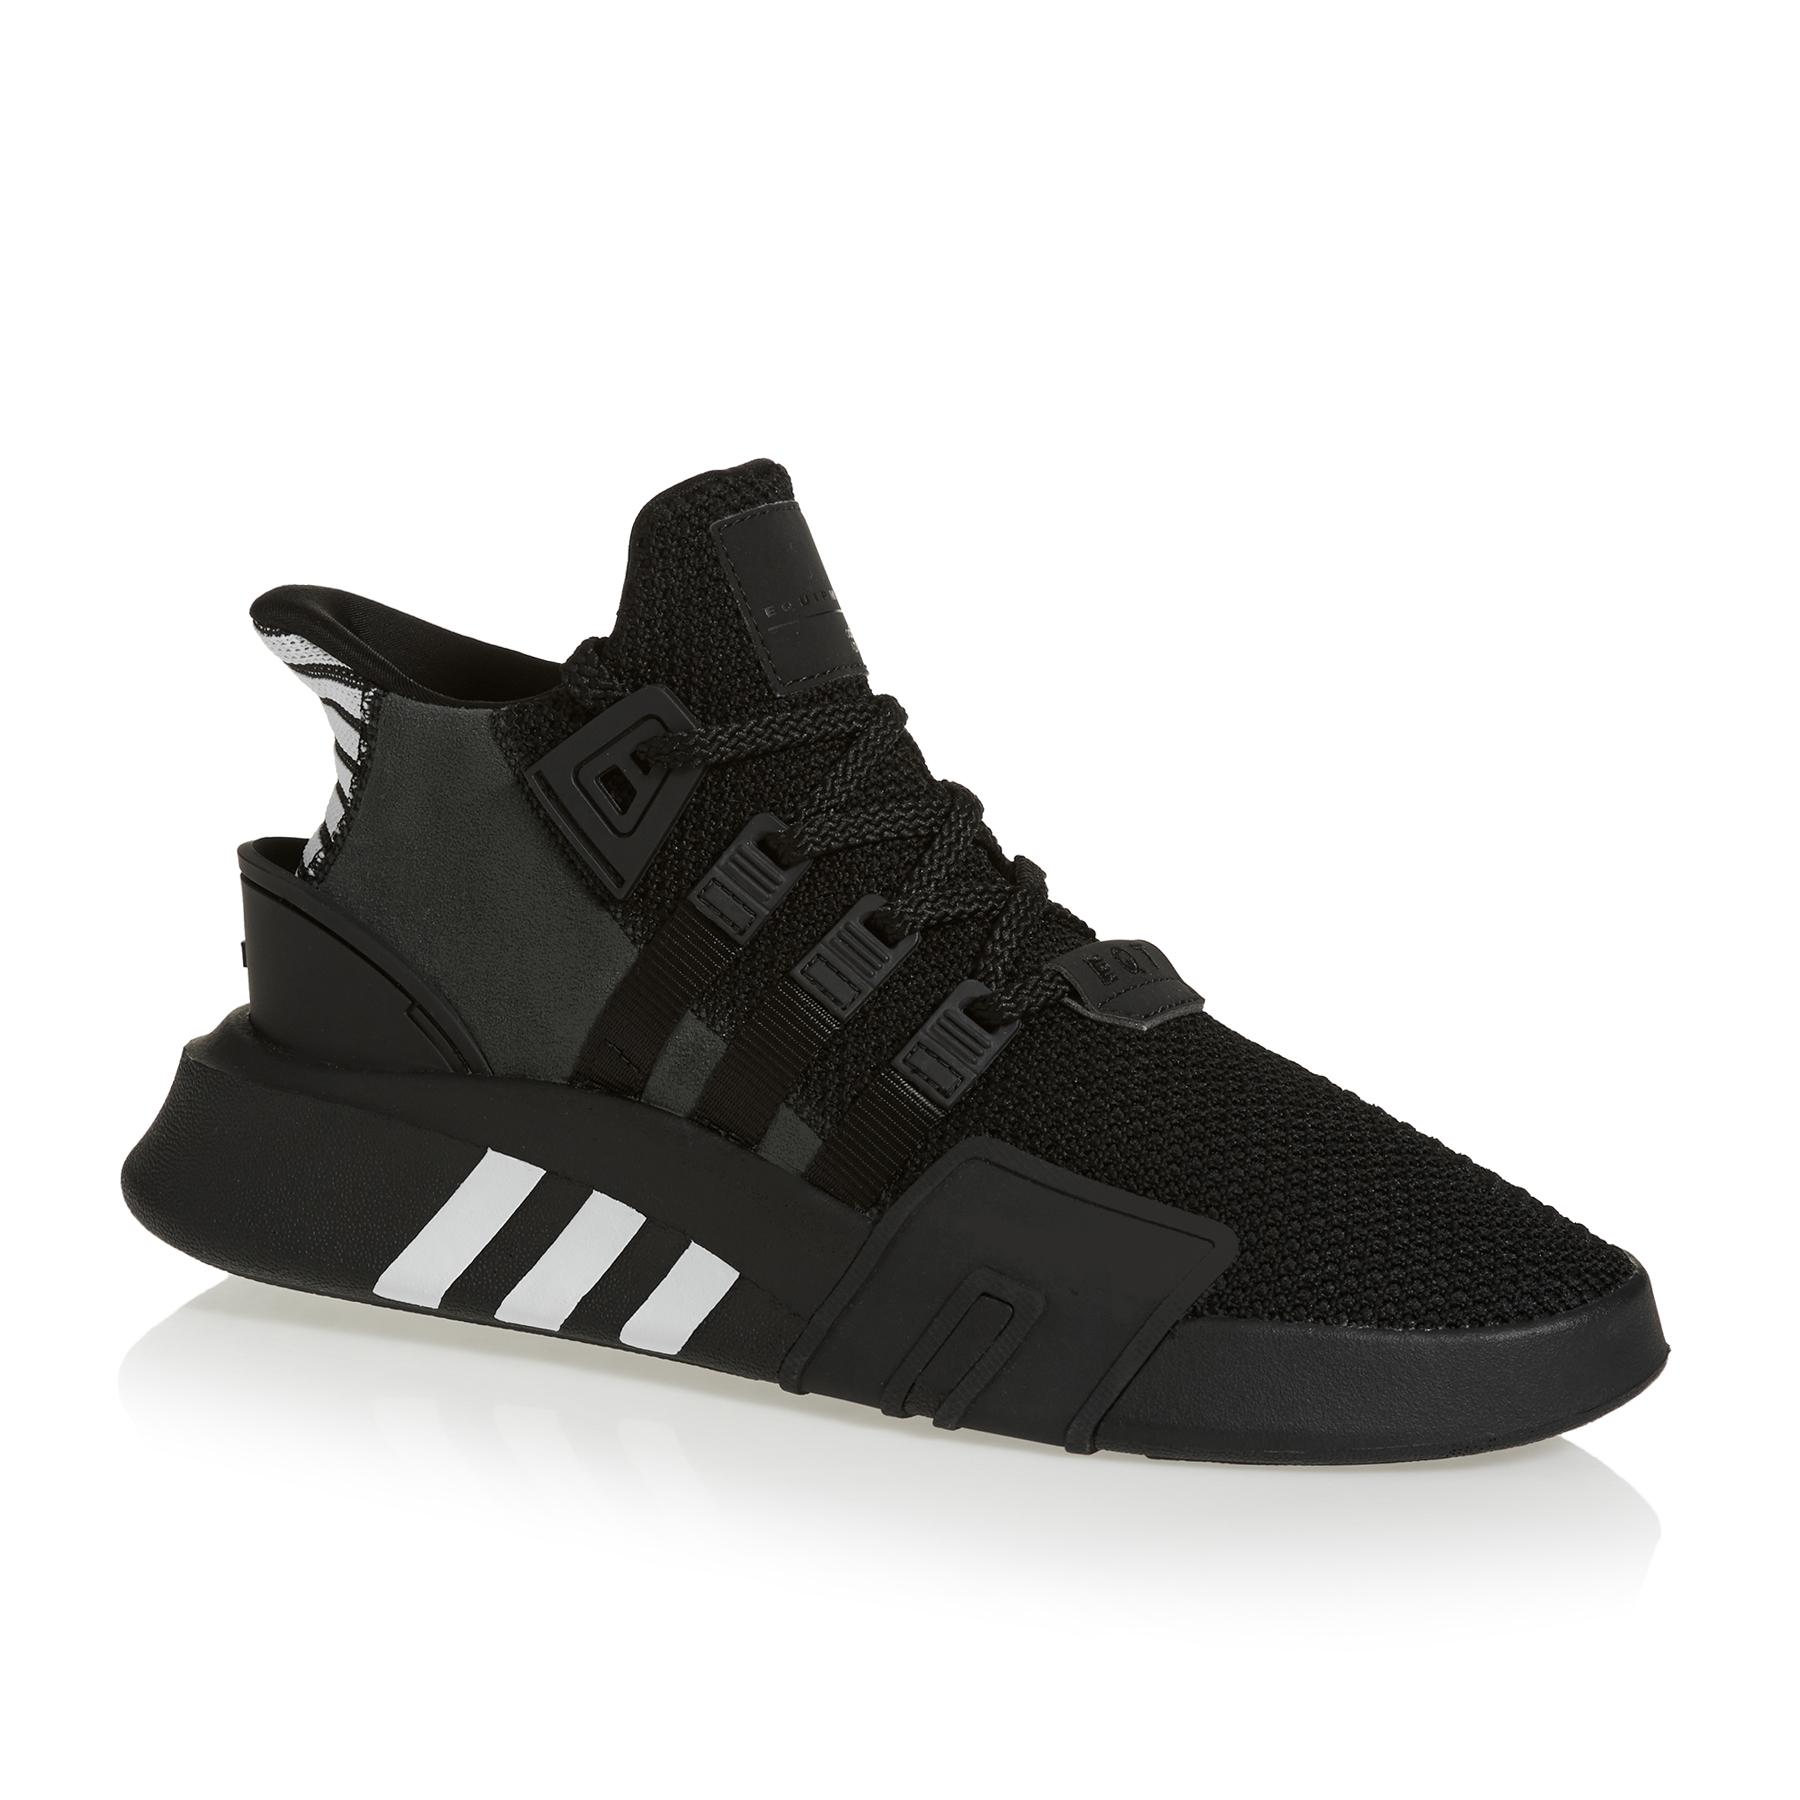 AdvLivraison Bask Dès Chaussures Gratuite Originals Eqt Adidas 30 kOP8wn0X